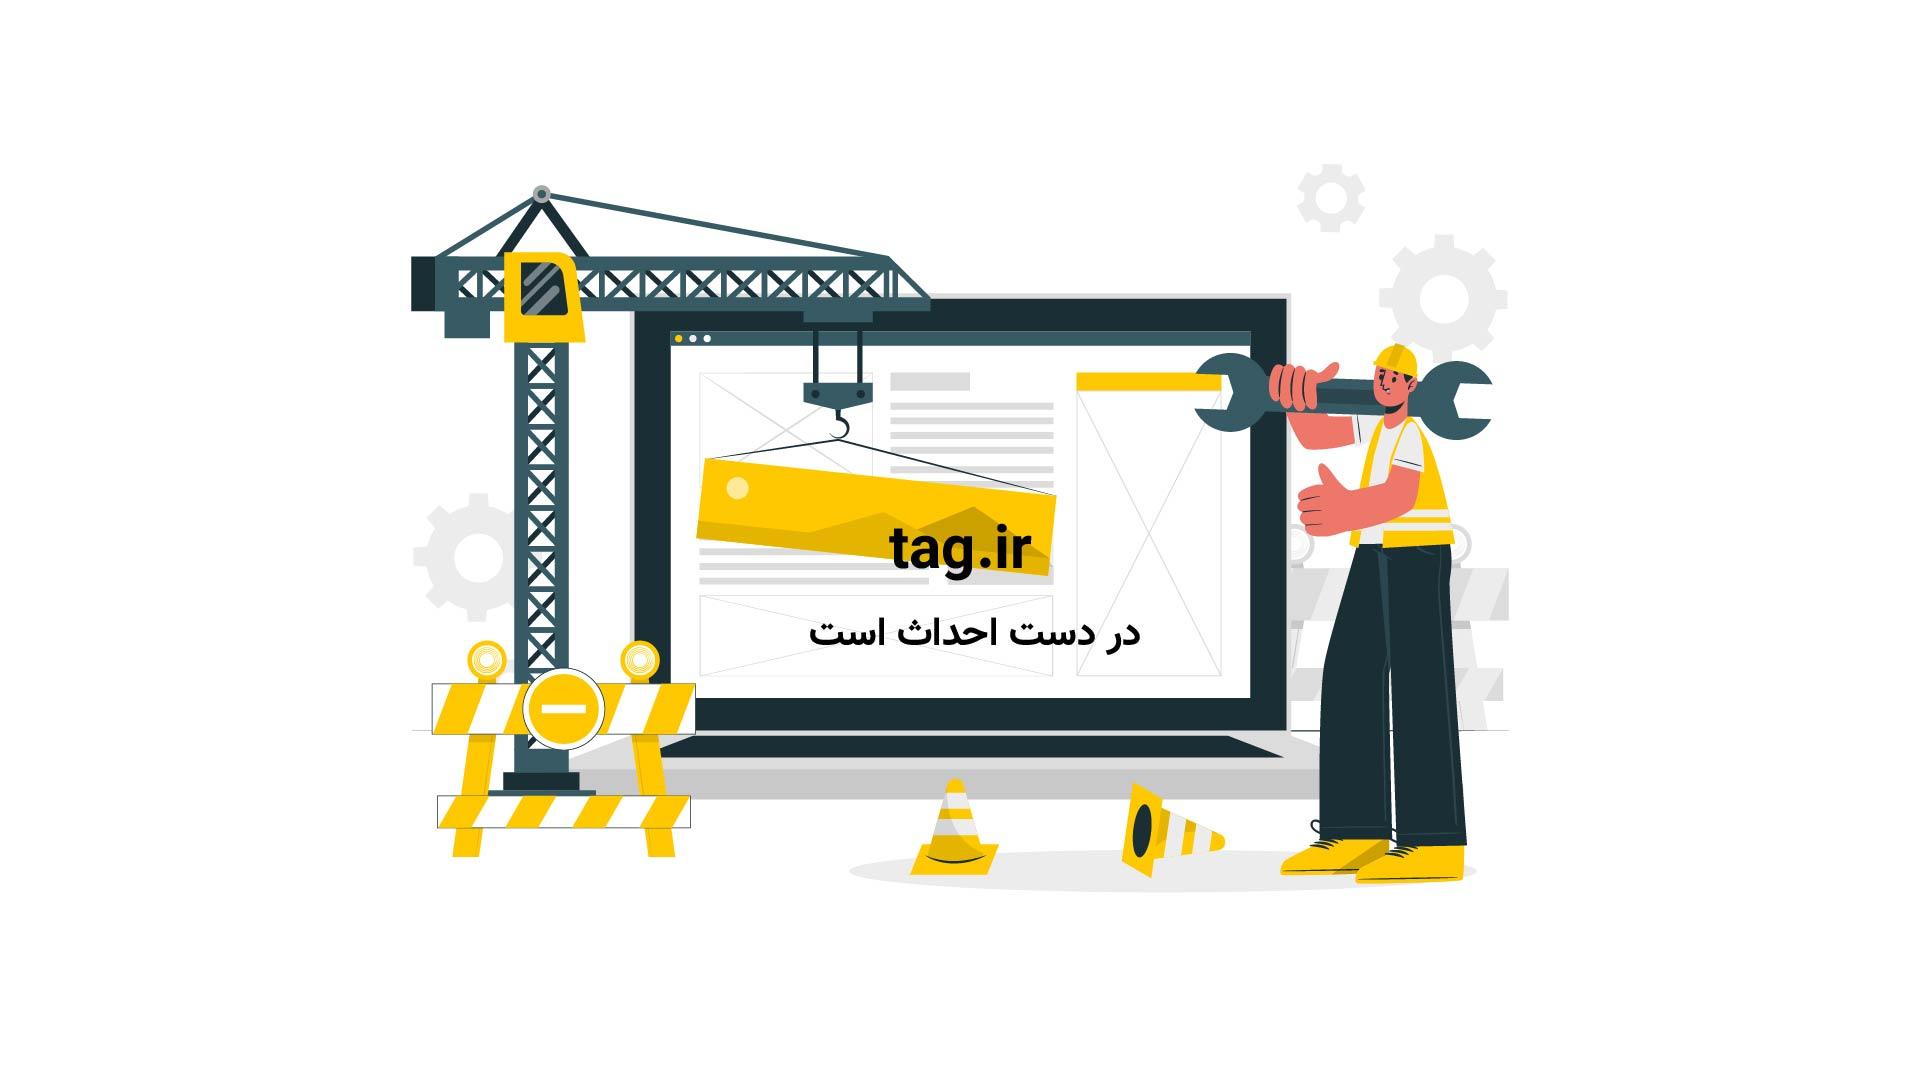 پل شکسته تاریخی در روستای خسروآباد استان همدان | فیلم